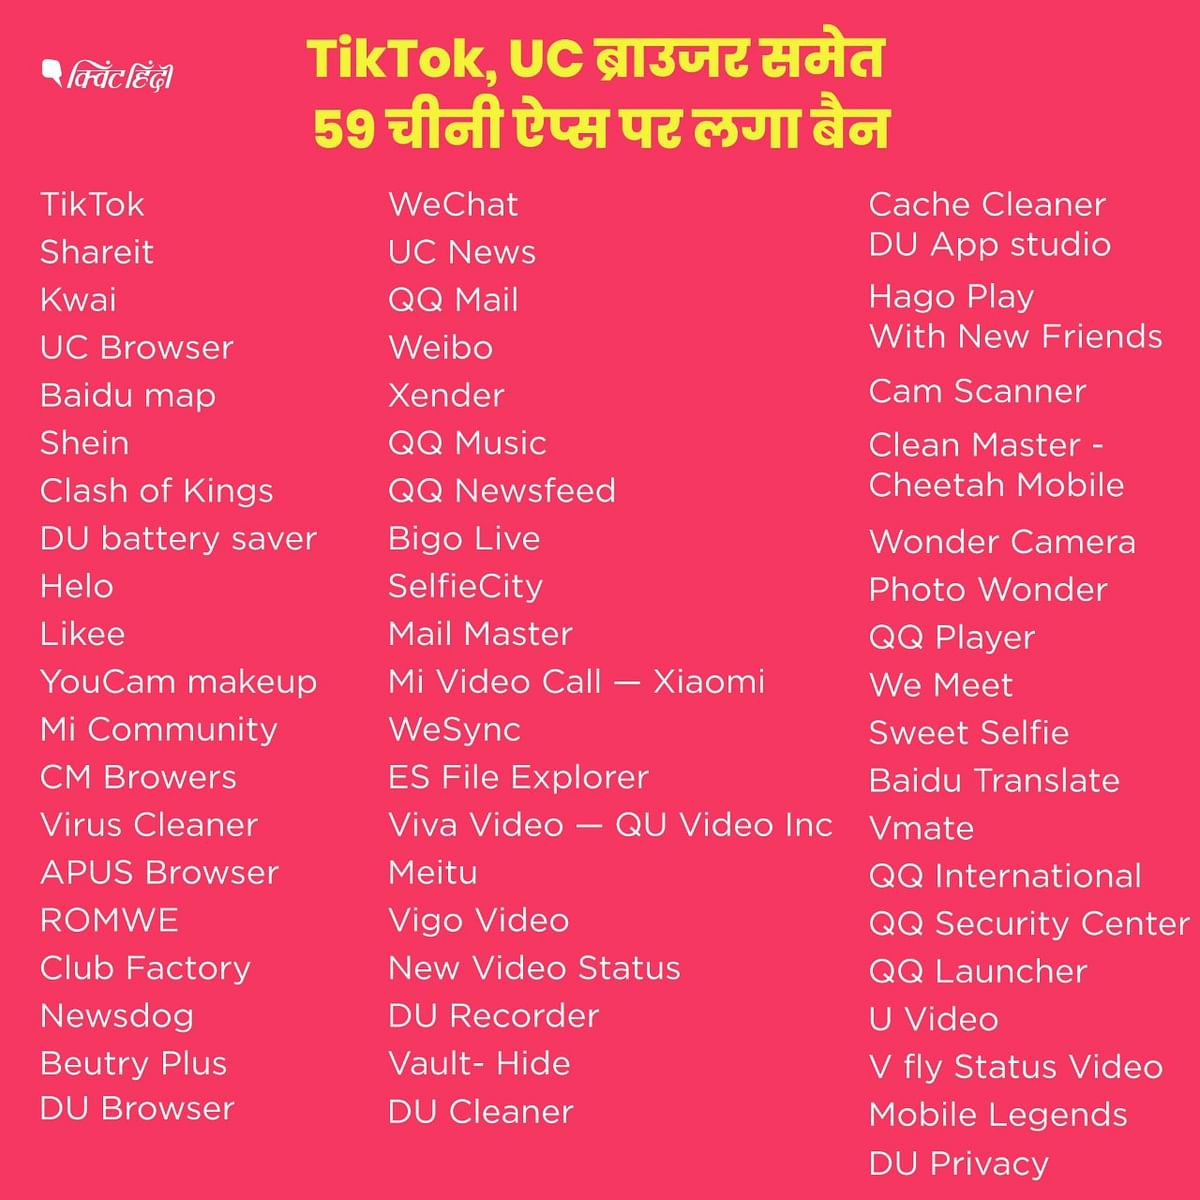 सरकार का बड़ा फैसला- TikTok, UC ब्राउजर 59 चीनी ऐप्स पर बैन । List